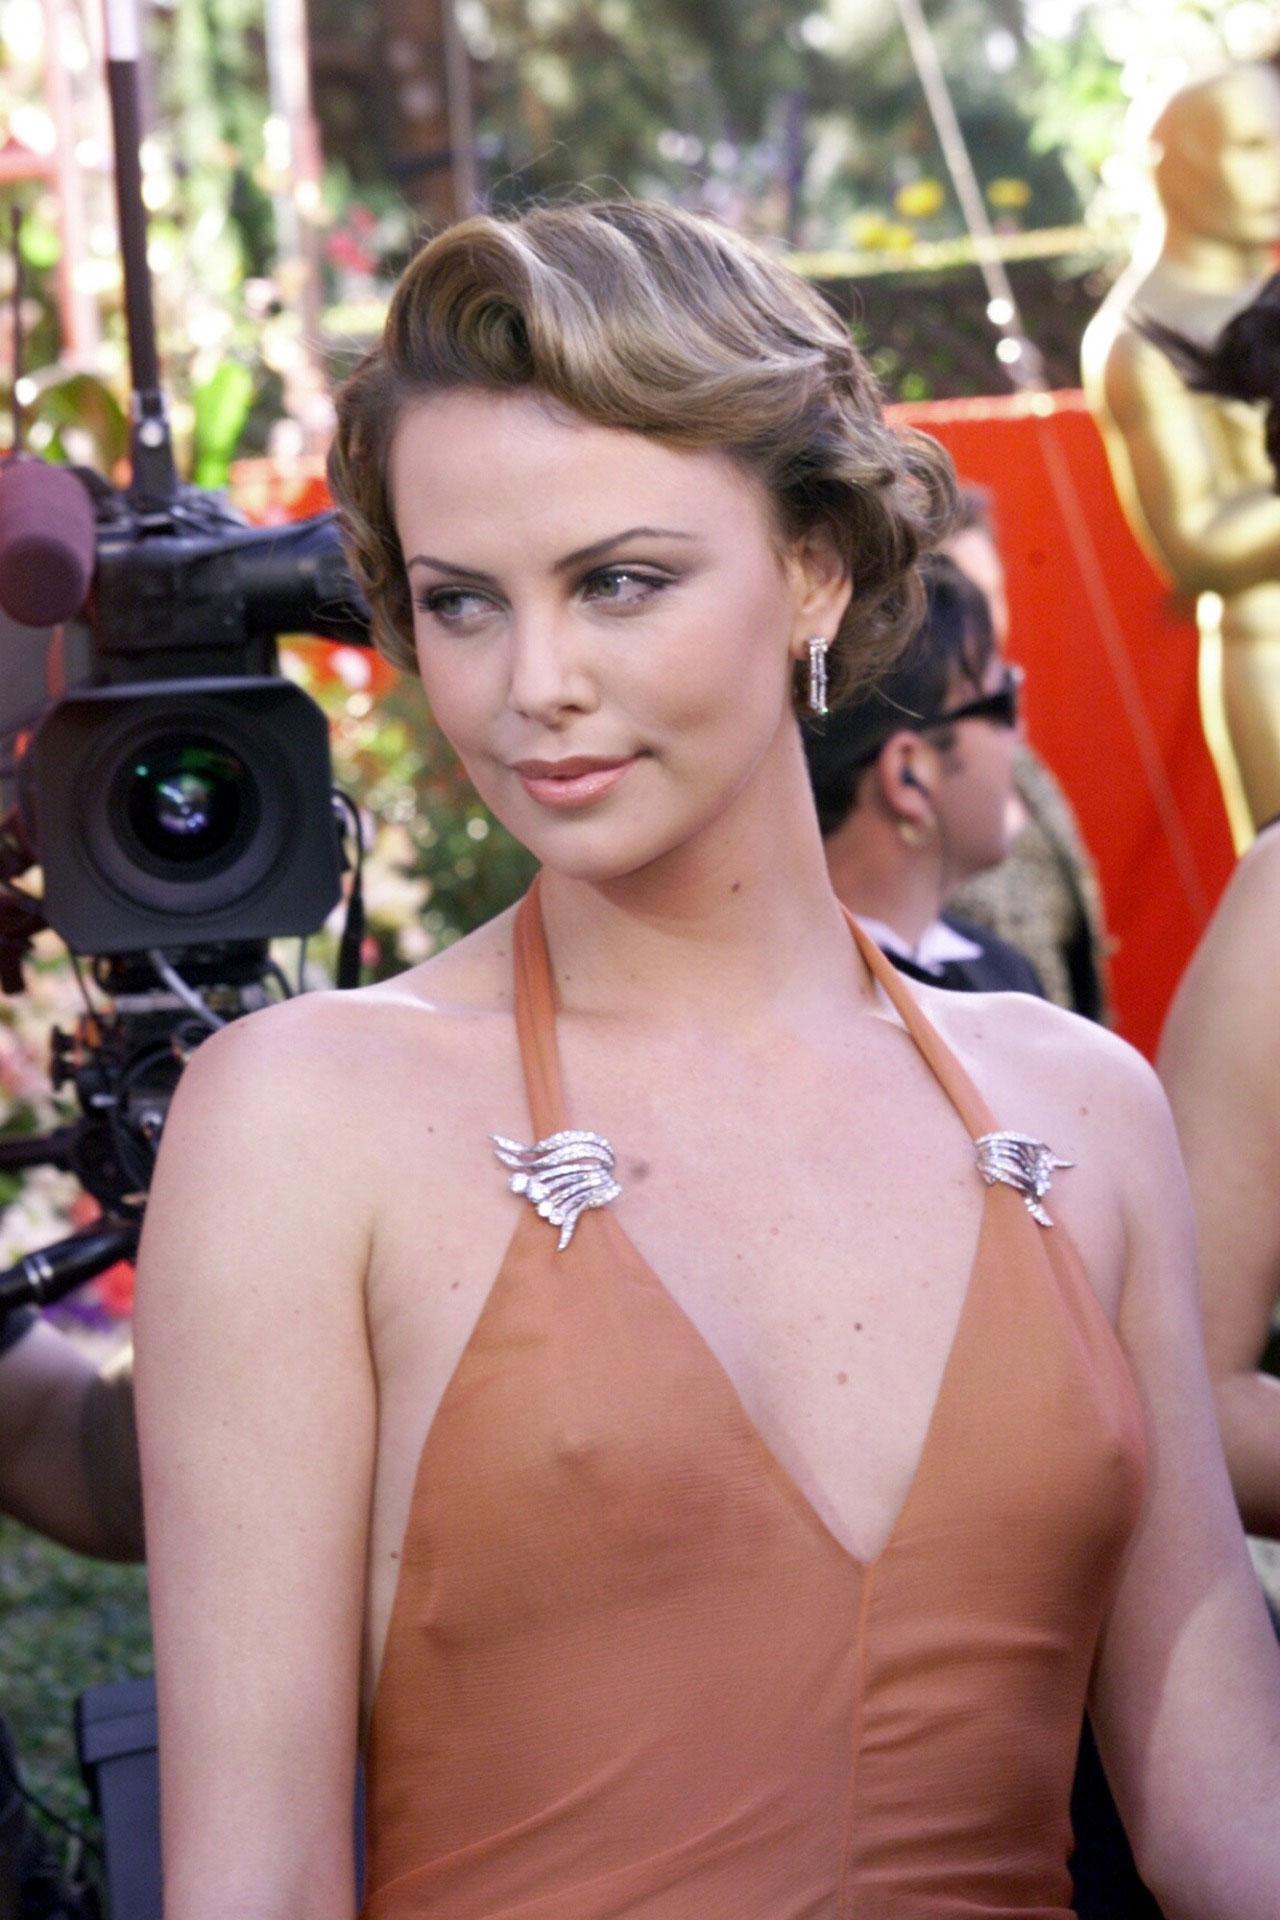 チラリどころかおっぱいポロンと飛び出してるハリウッド女優のメガハプニングwwwwwww(画像37枚)・15枚目